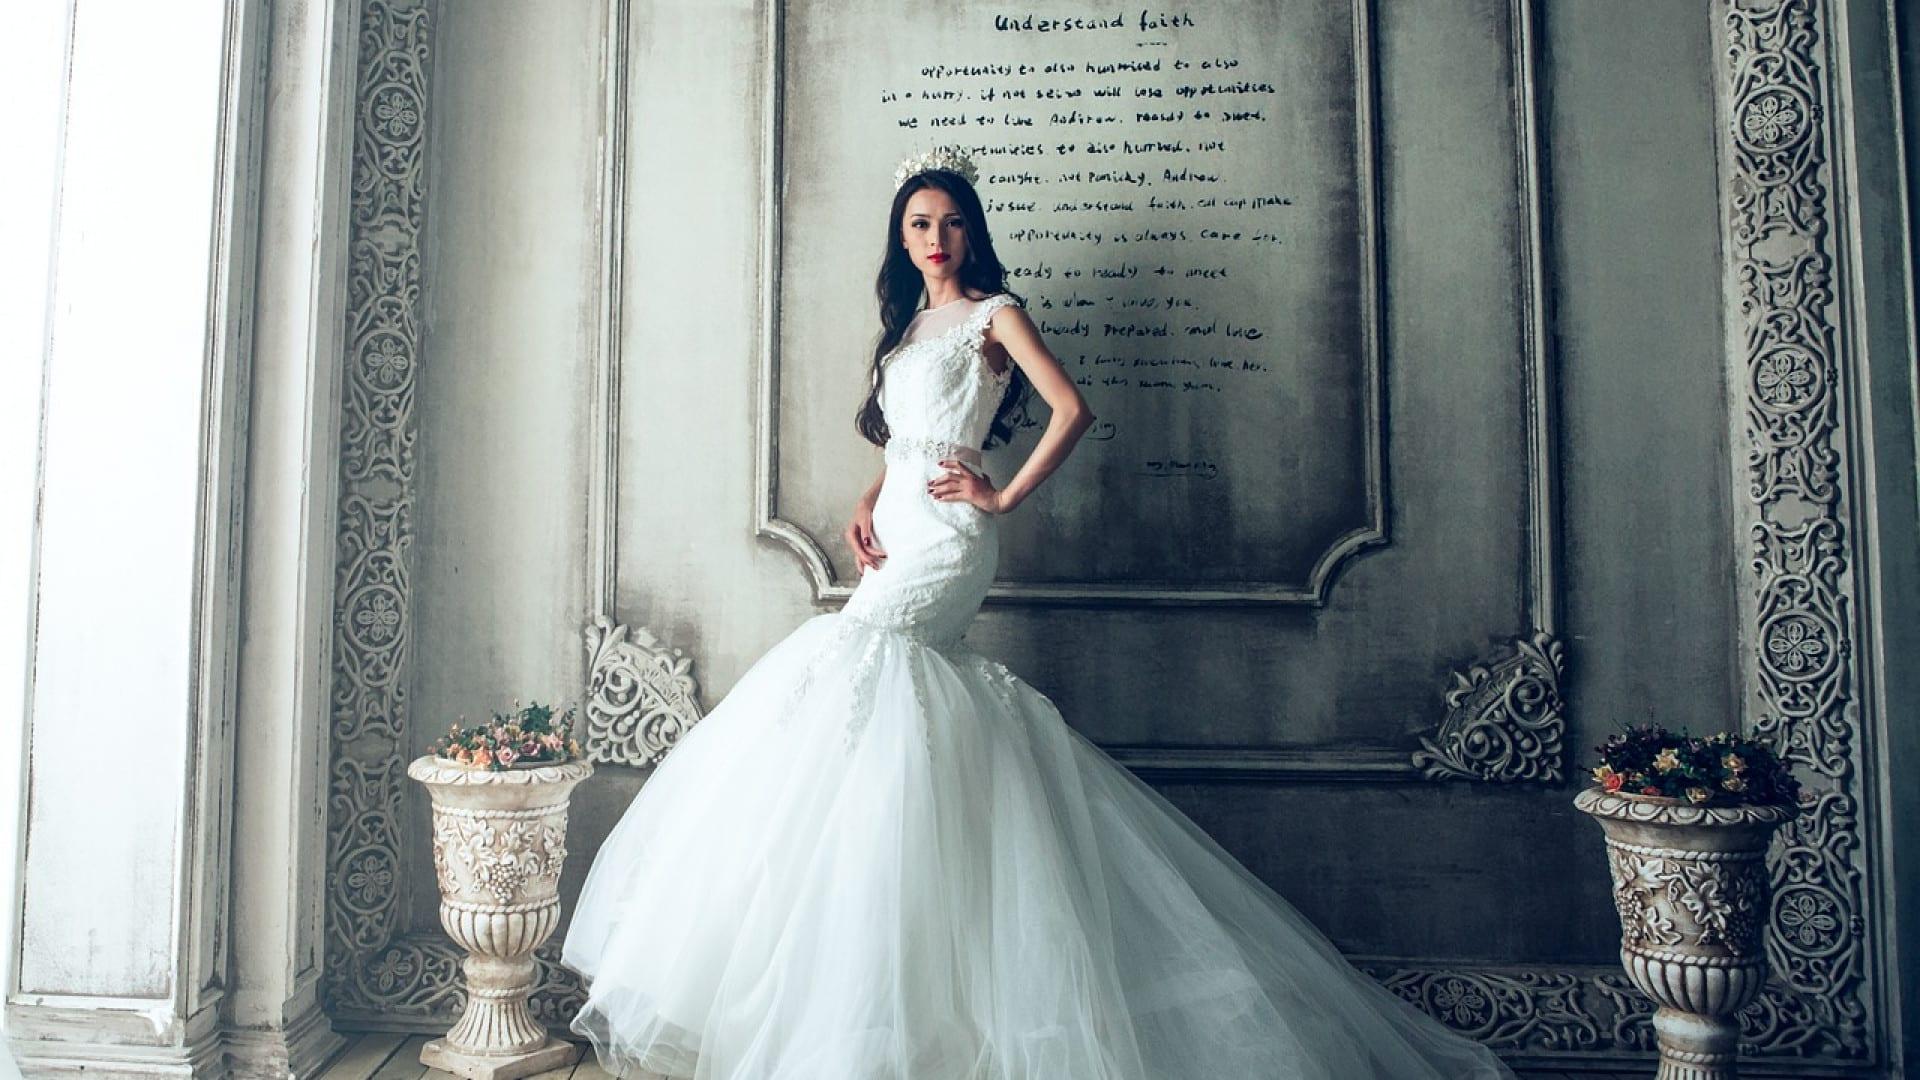 Trouver le modèle idéal pour sa robe de mariée